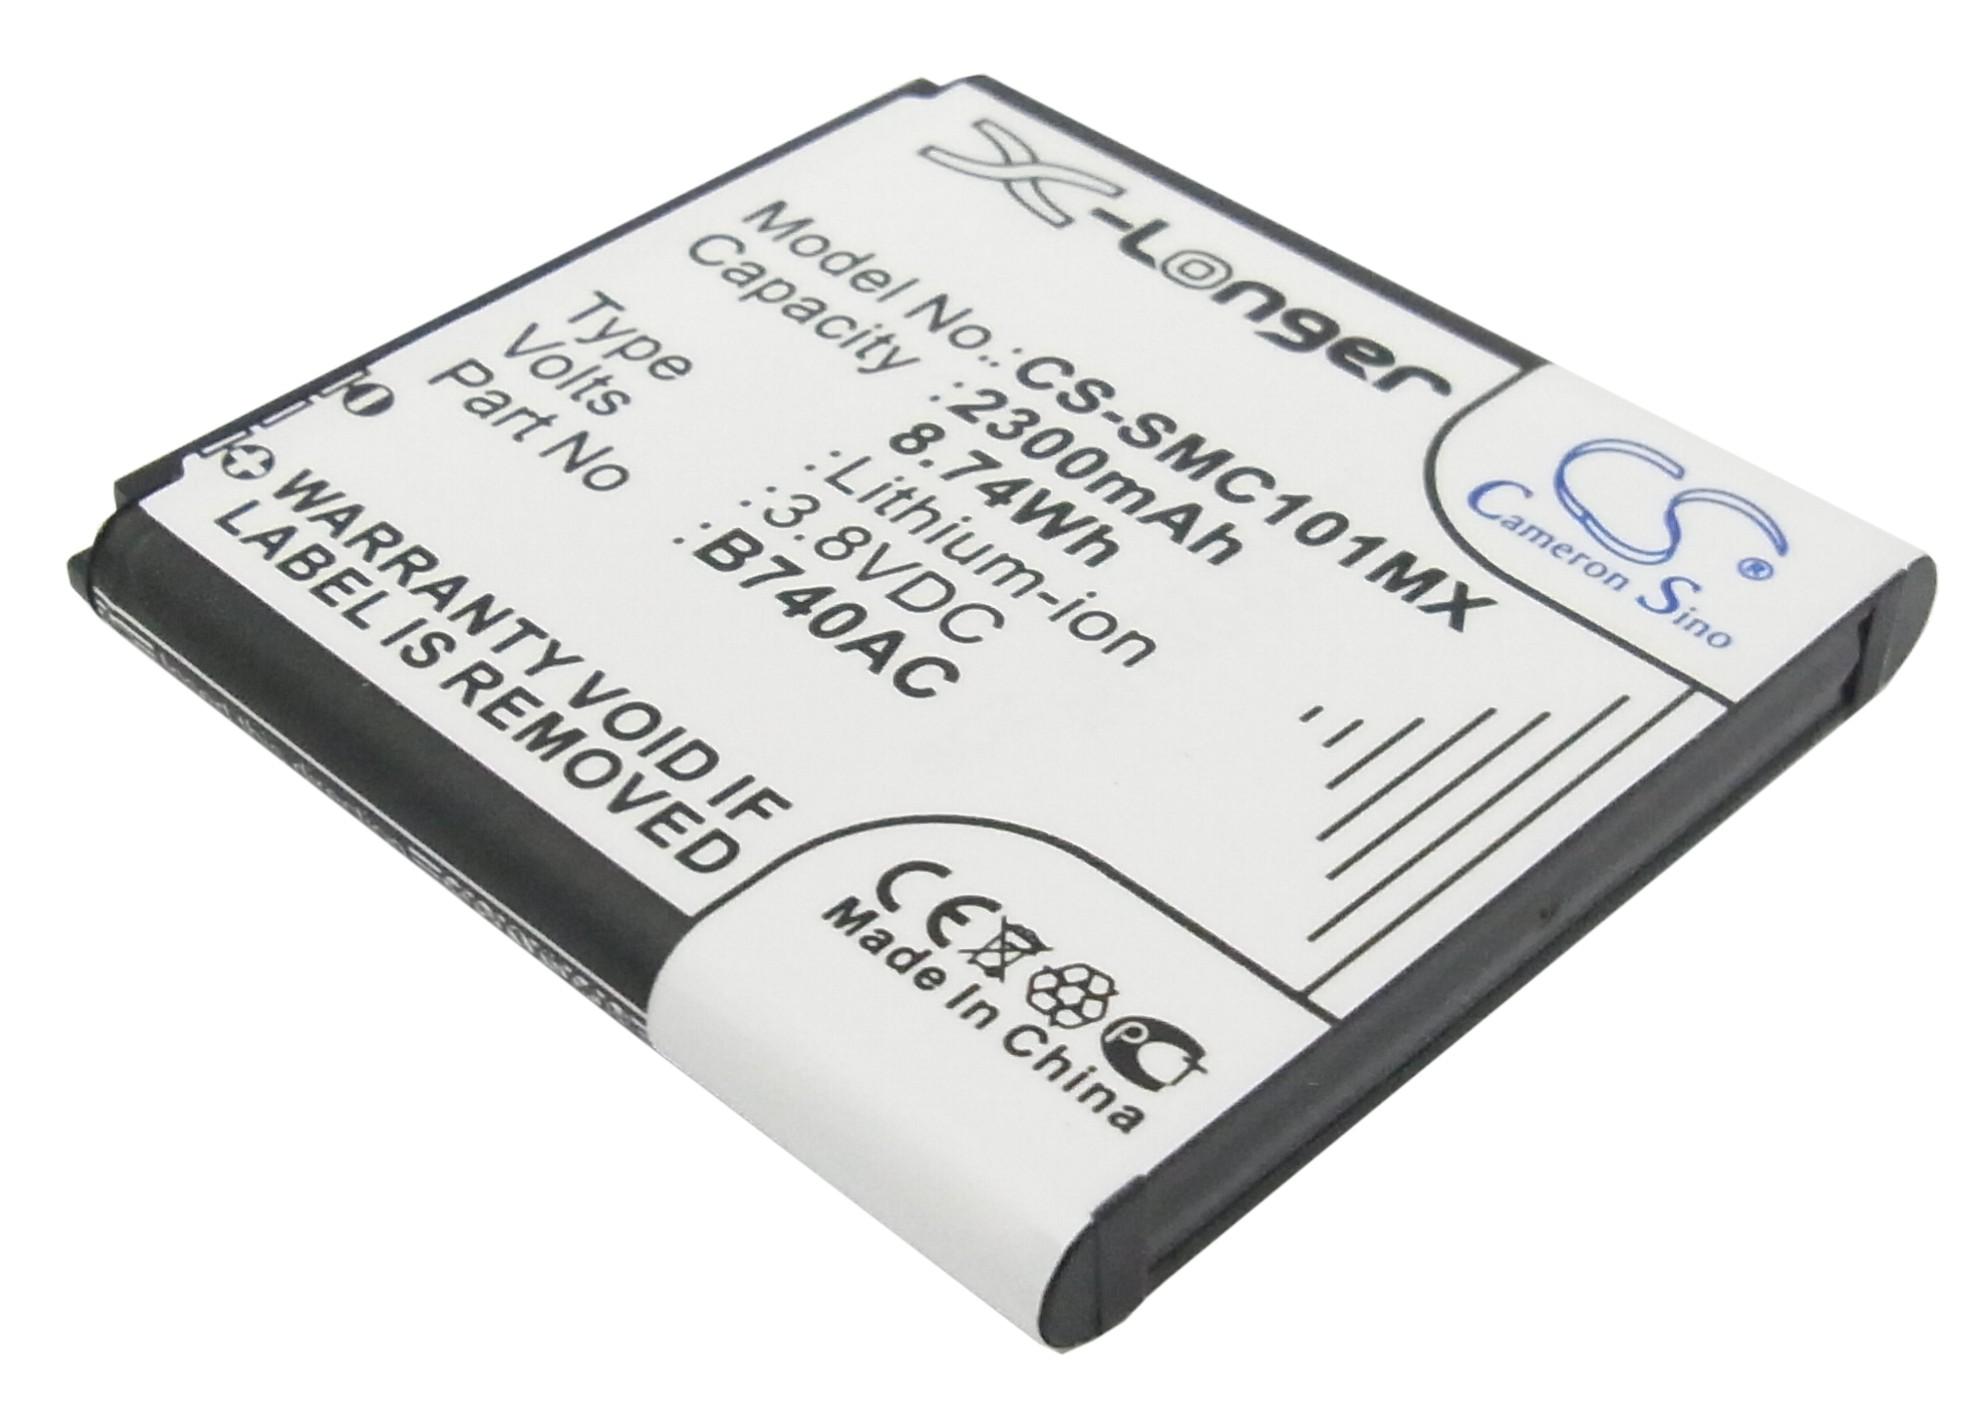 Cameron Sino baterie do kamer a fotoaparátů pro SAMSUNG SM-C101 3.8V Li-ion 2300mAh černá - neoriginální